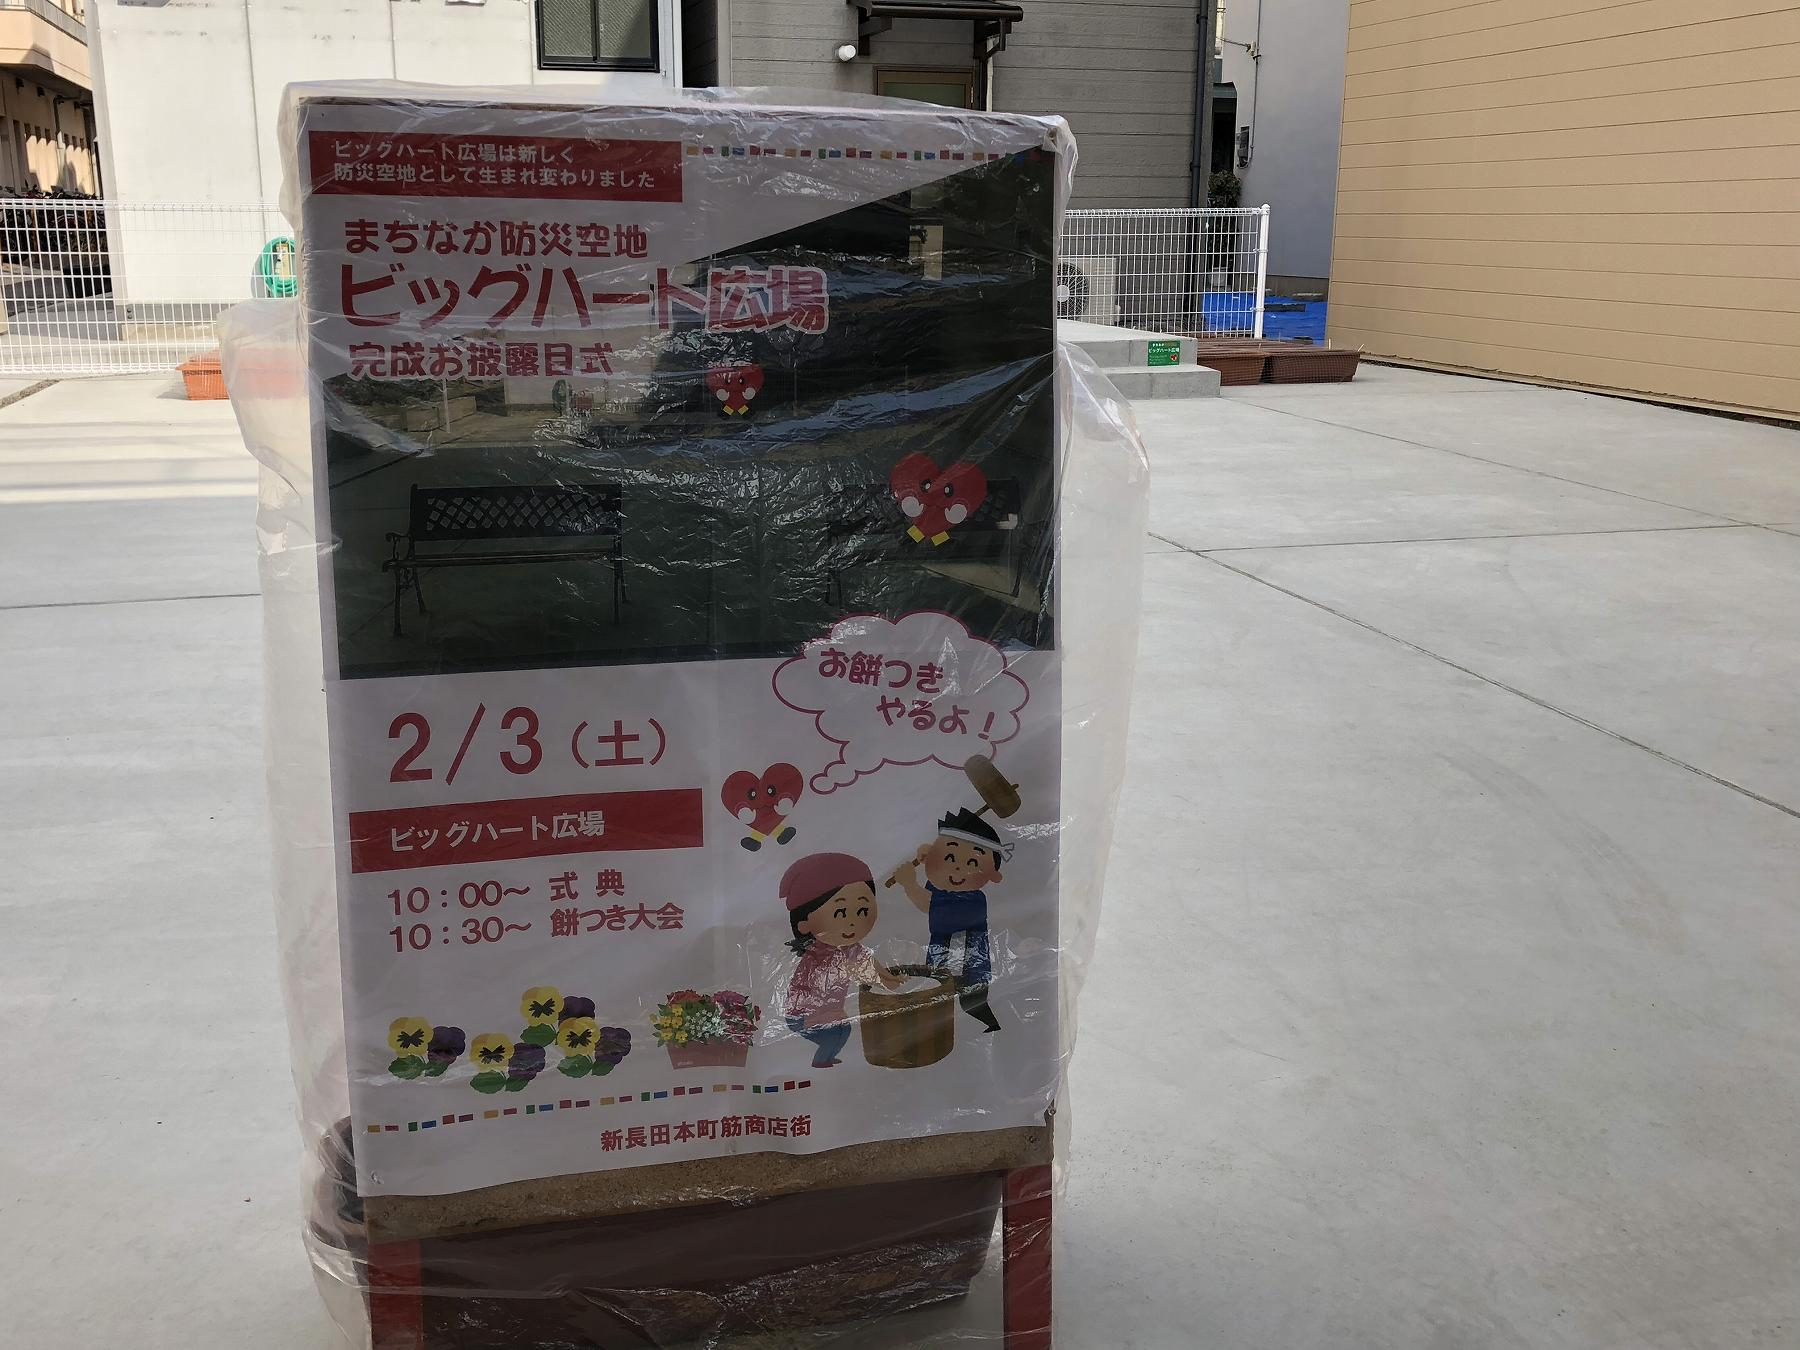 神戸・新長田の本町筋商店街に「 #まちなか防災空地ビッグハート広場 」が完成、2/3(土)にお披露目式があるよ! #新長田 #本町筋商店街 #ビッグハート